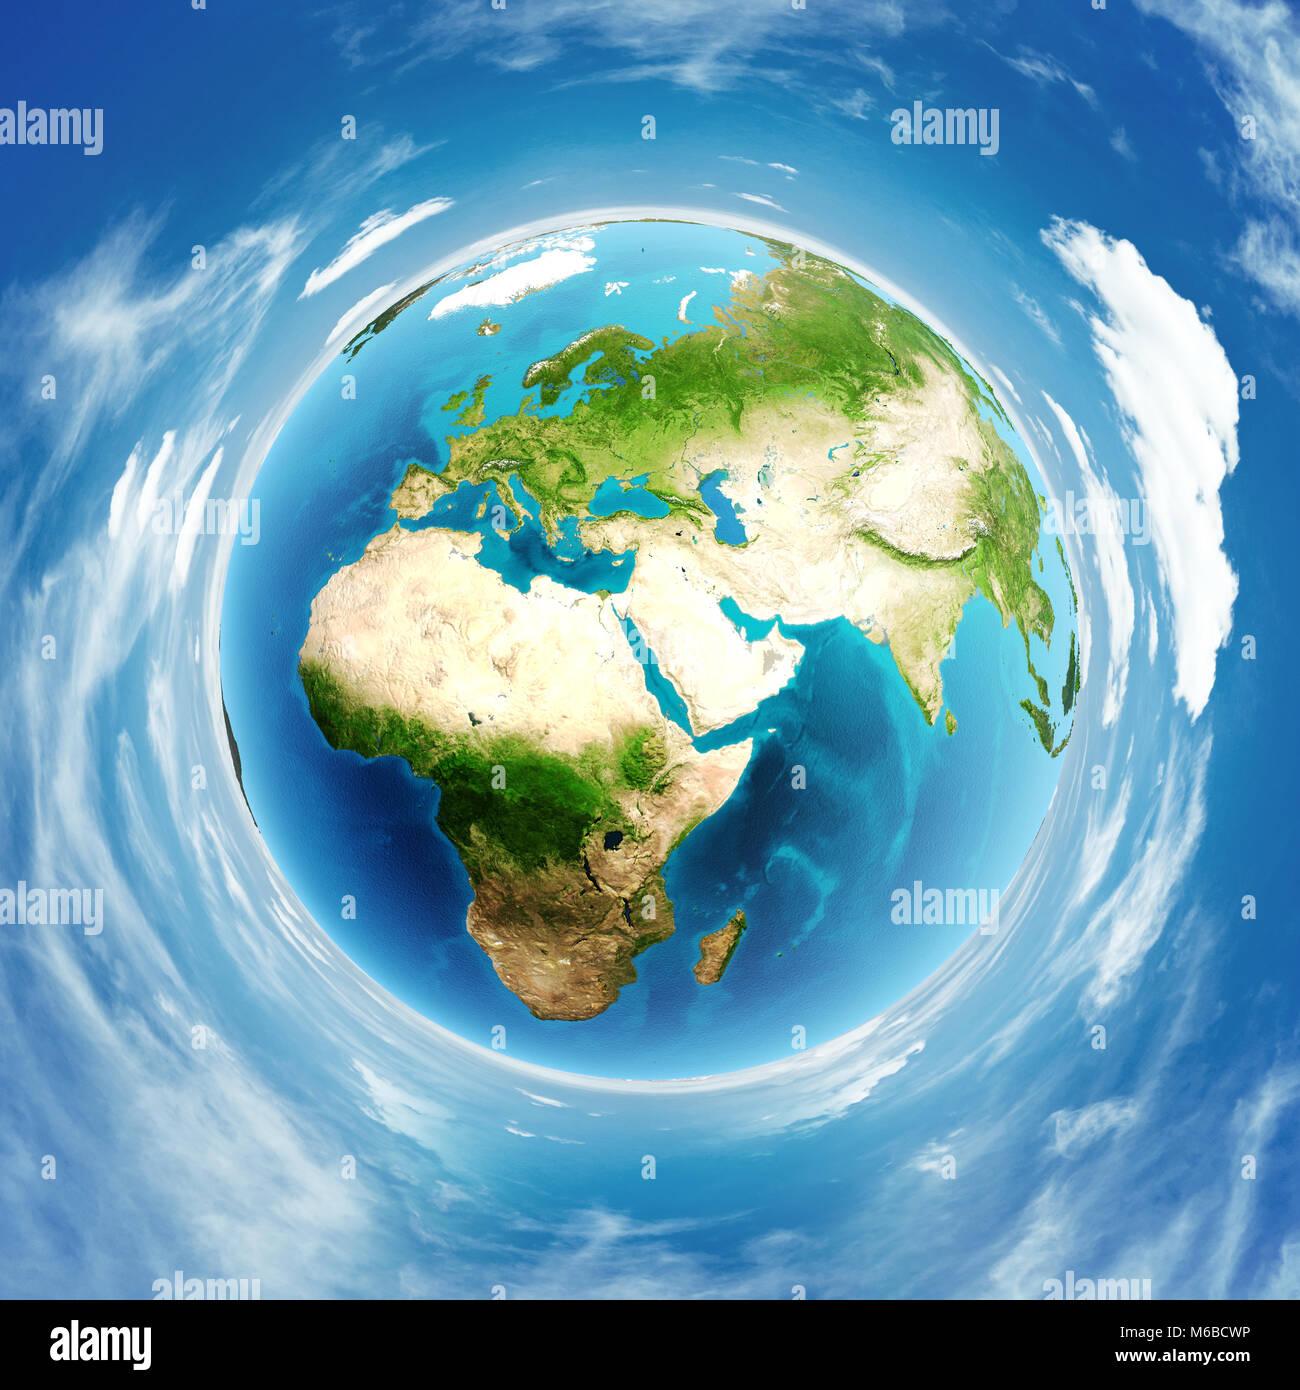 Planeta Tierra alivio real 3D rendering Imagen De Stock